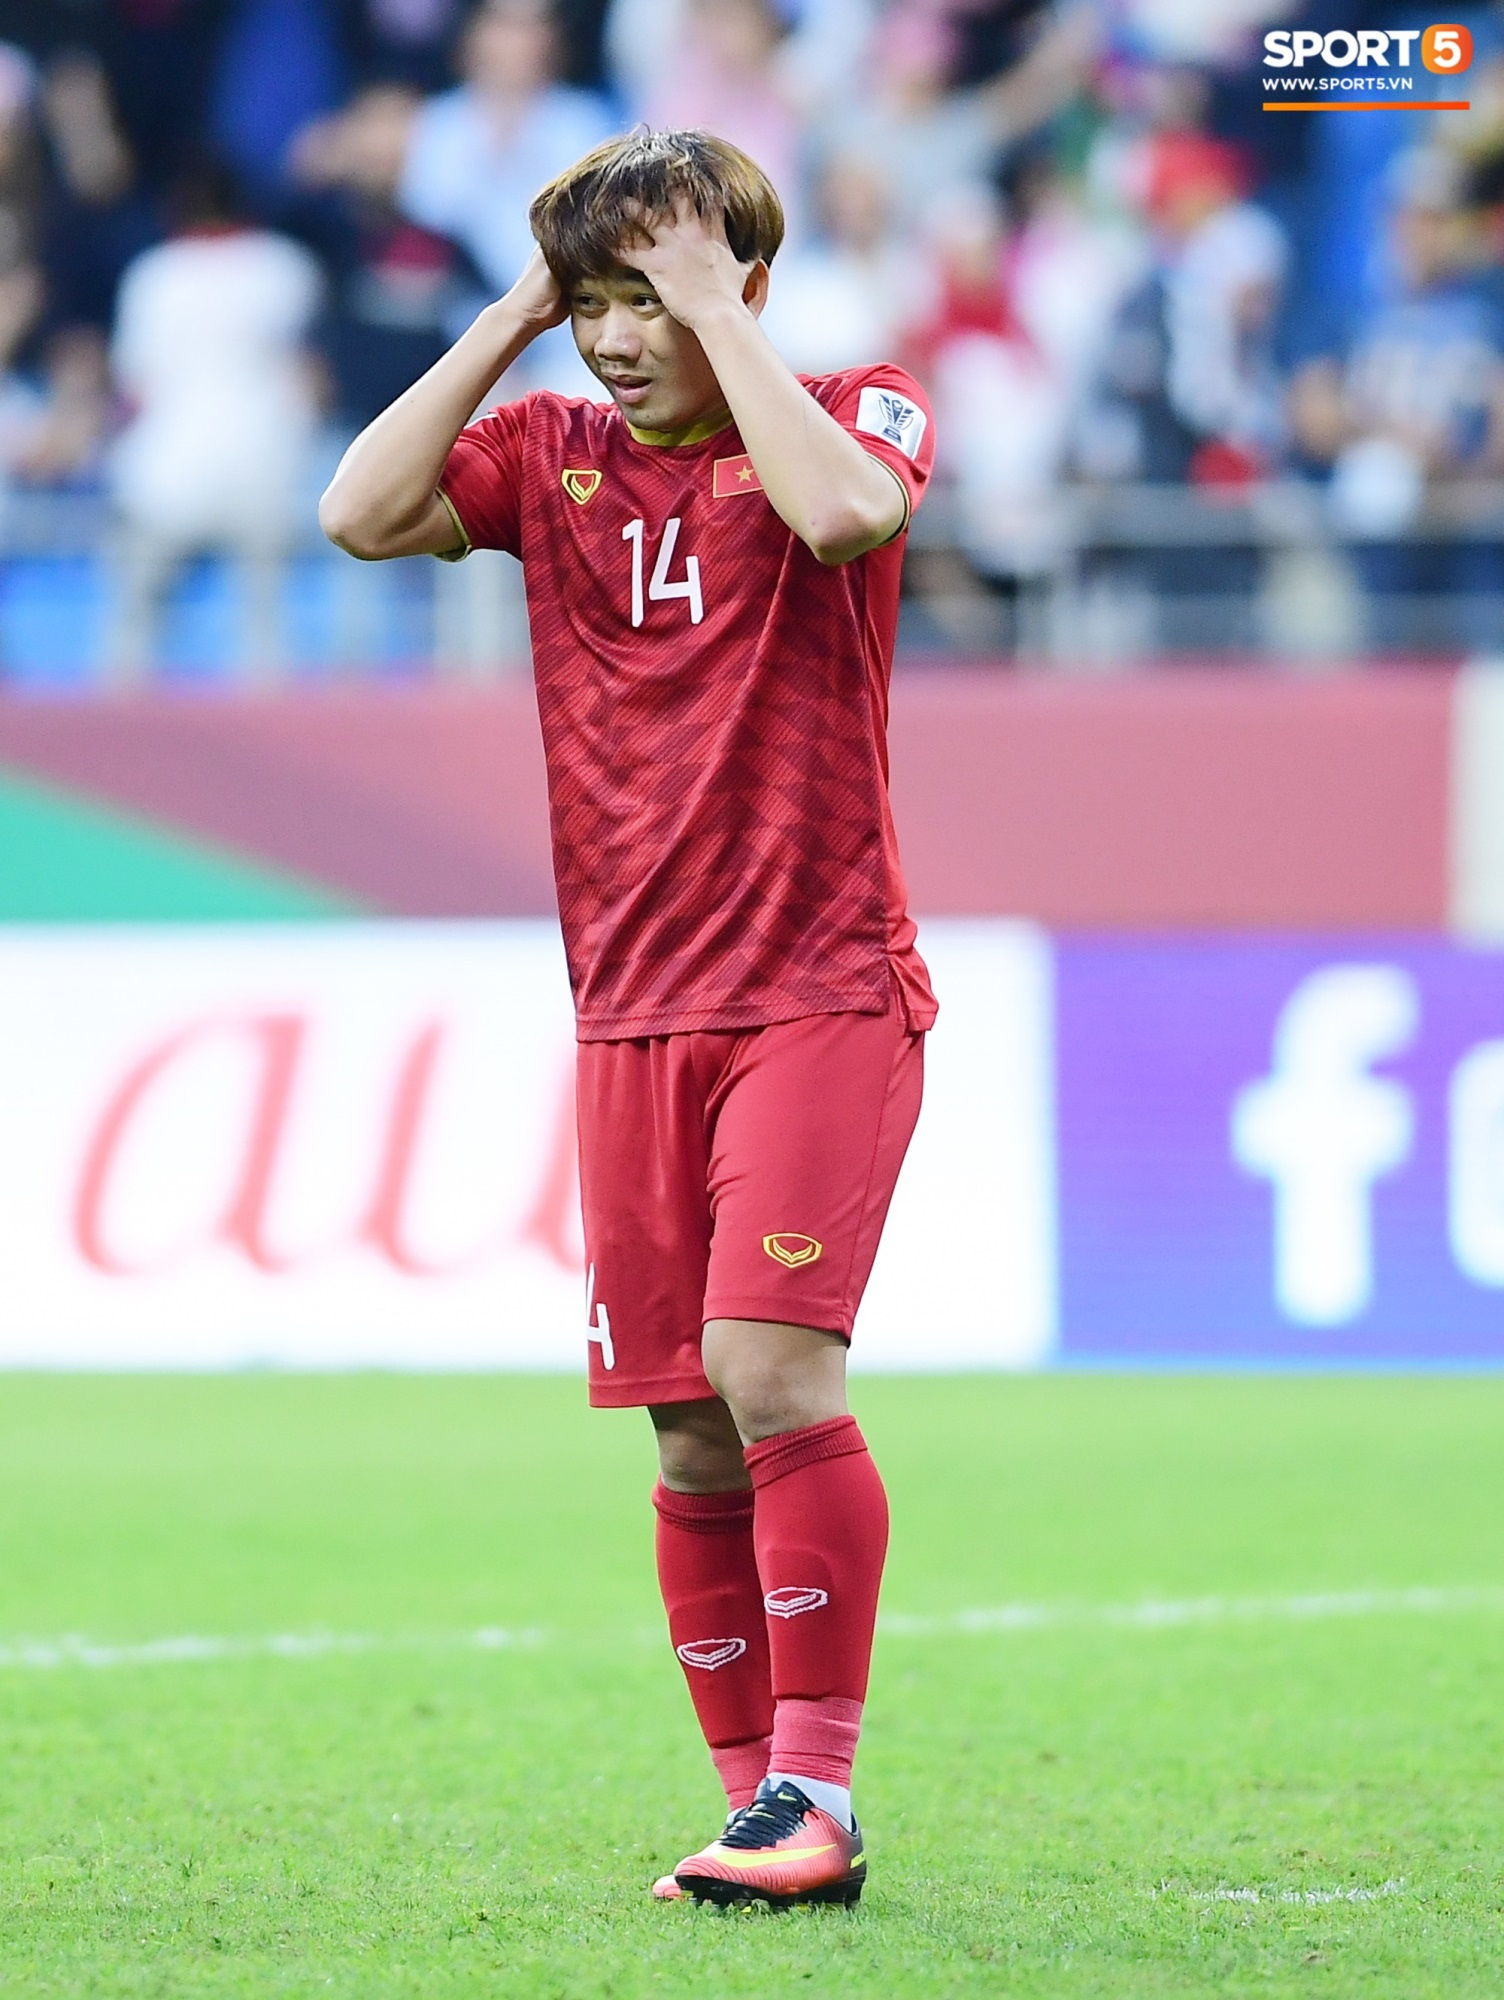 Đáng thương hình ảnh cầu thủ Jordan gục đầu khóc sau quả luân lưu định mệnh của Tư Dũng - Ảnh 1